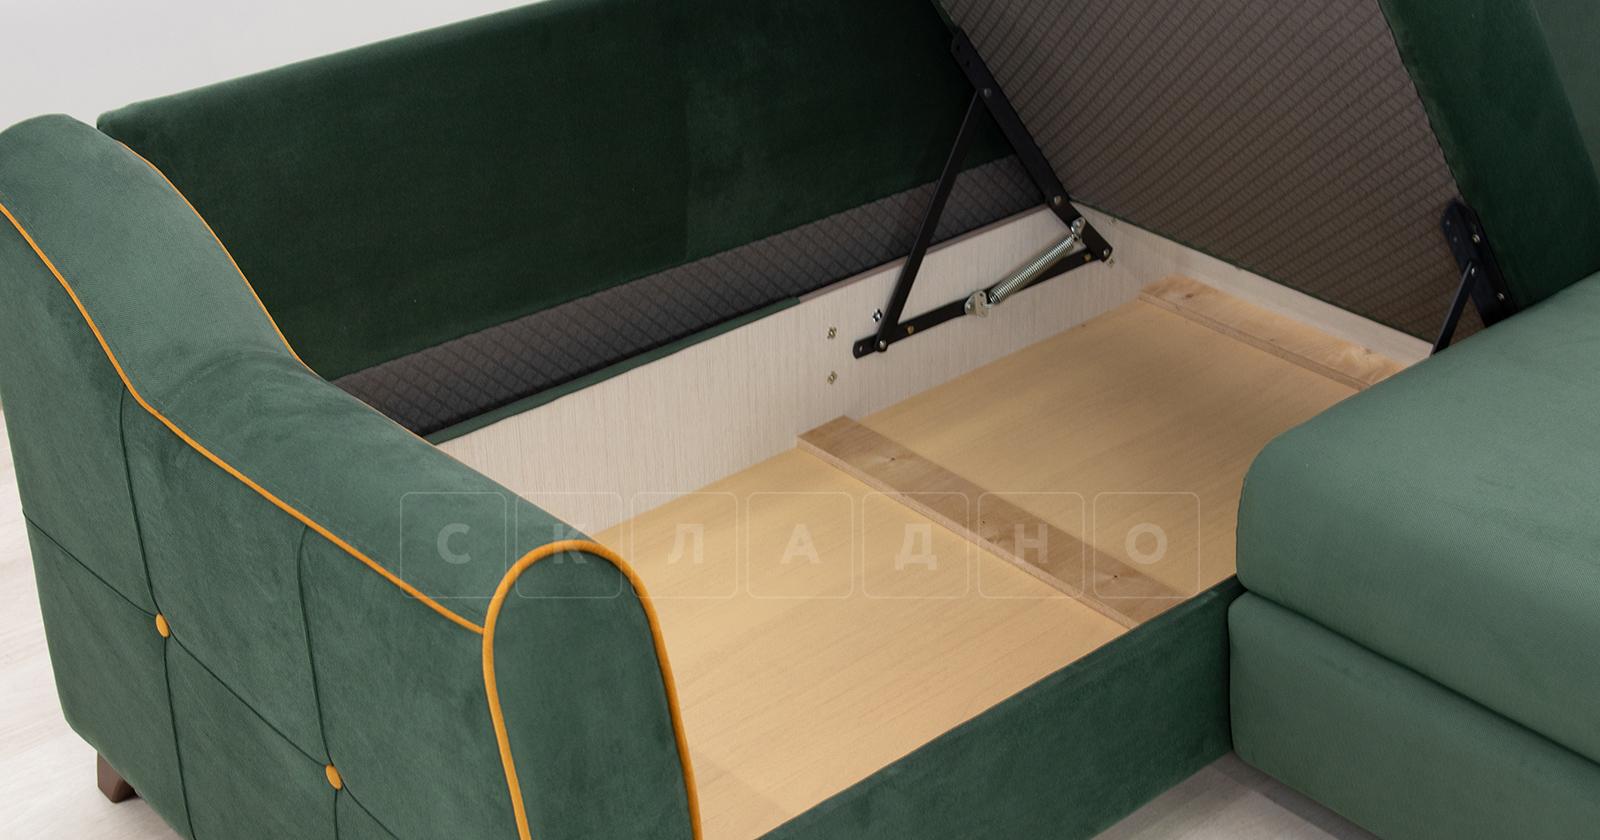 Диван-кровать угловой Флэтфорд нефритовый зеленый фото 16 | интернет-магазин Складно